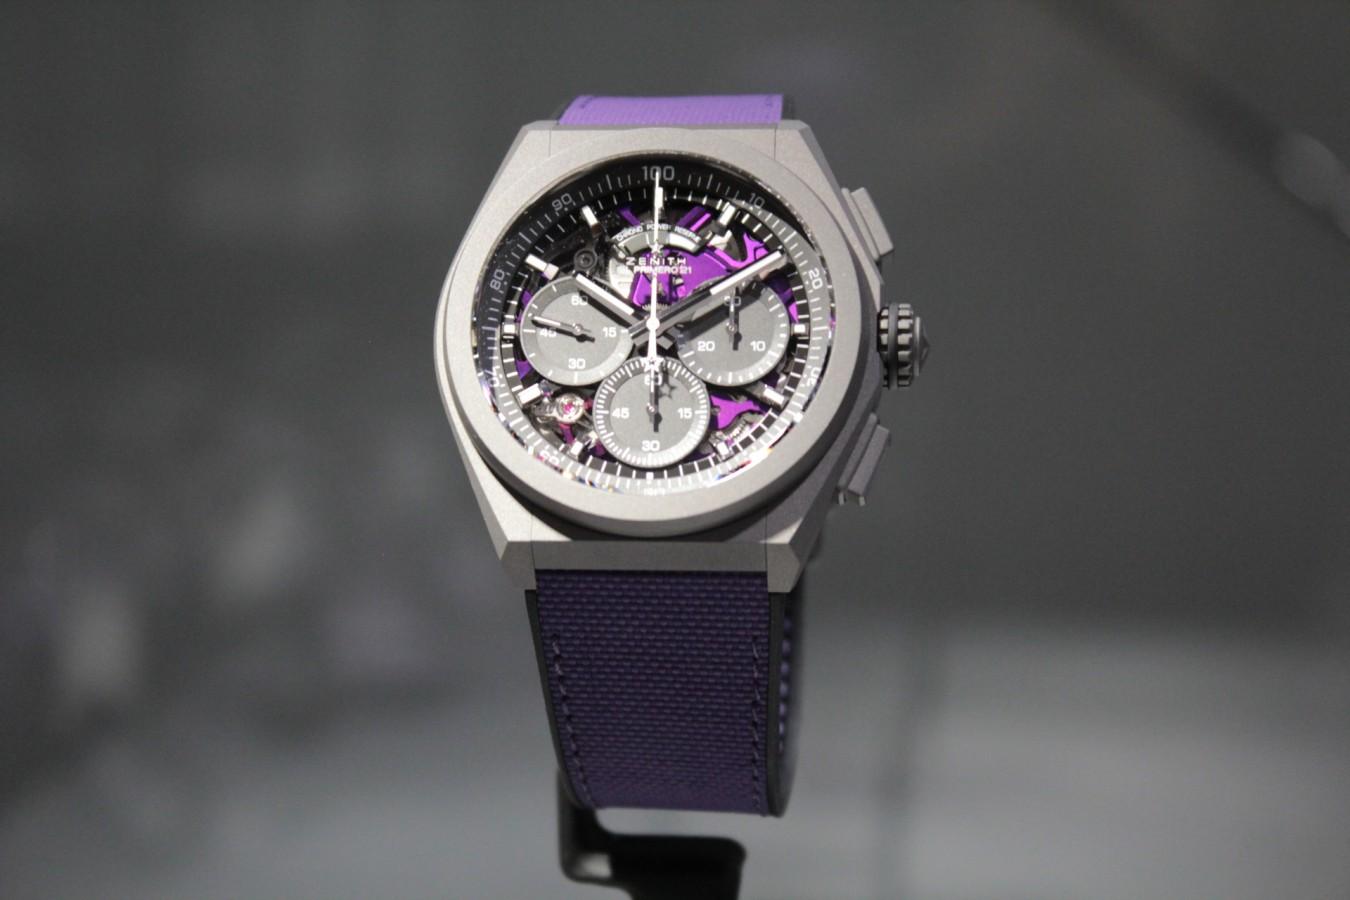 紫色が美しい!2020年新作「デファイ エル・プリメロ21 ULTRA VIOLET」入荷しました!! - DEFY |IMG_4799